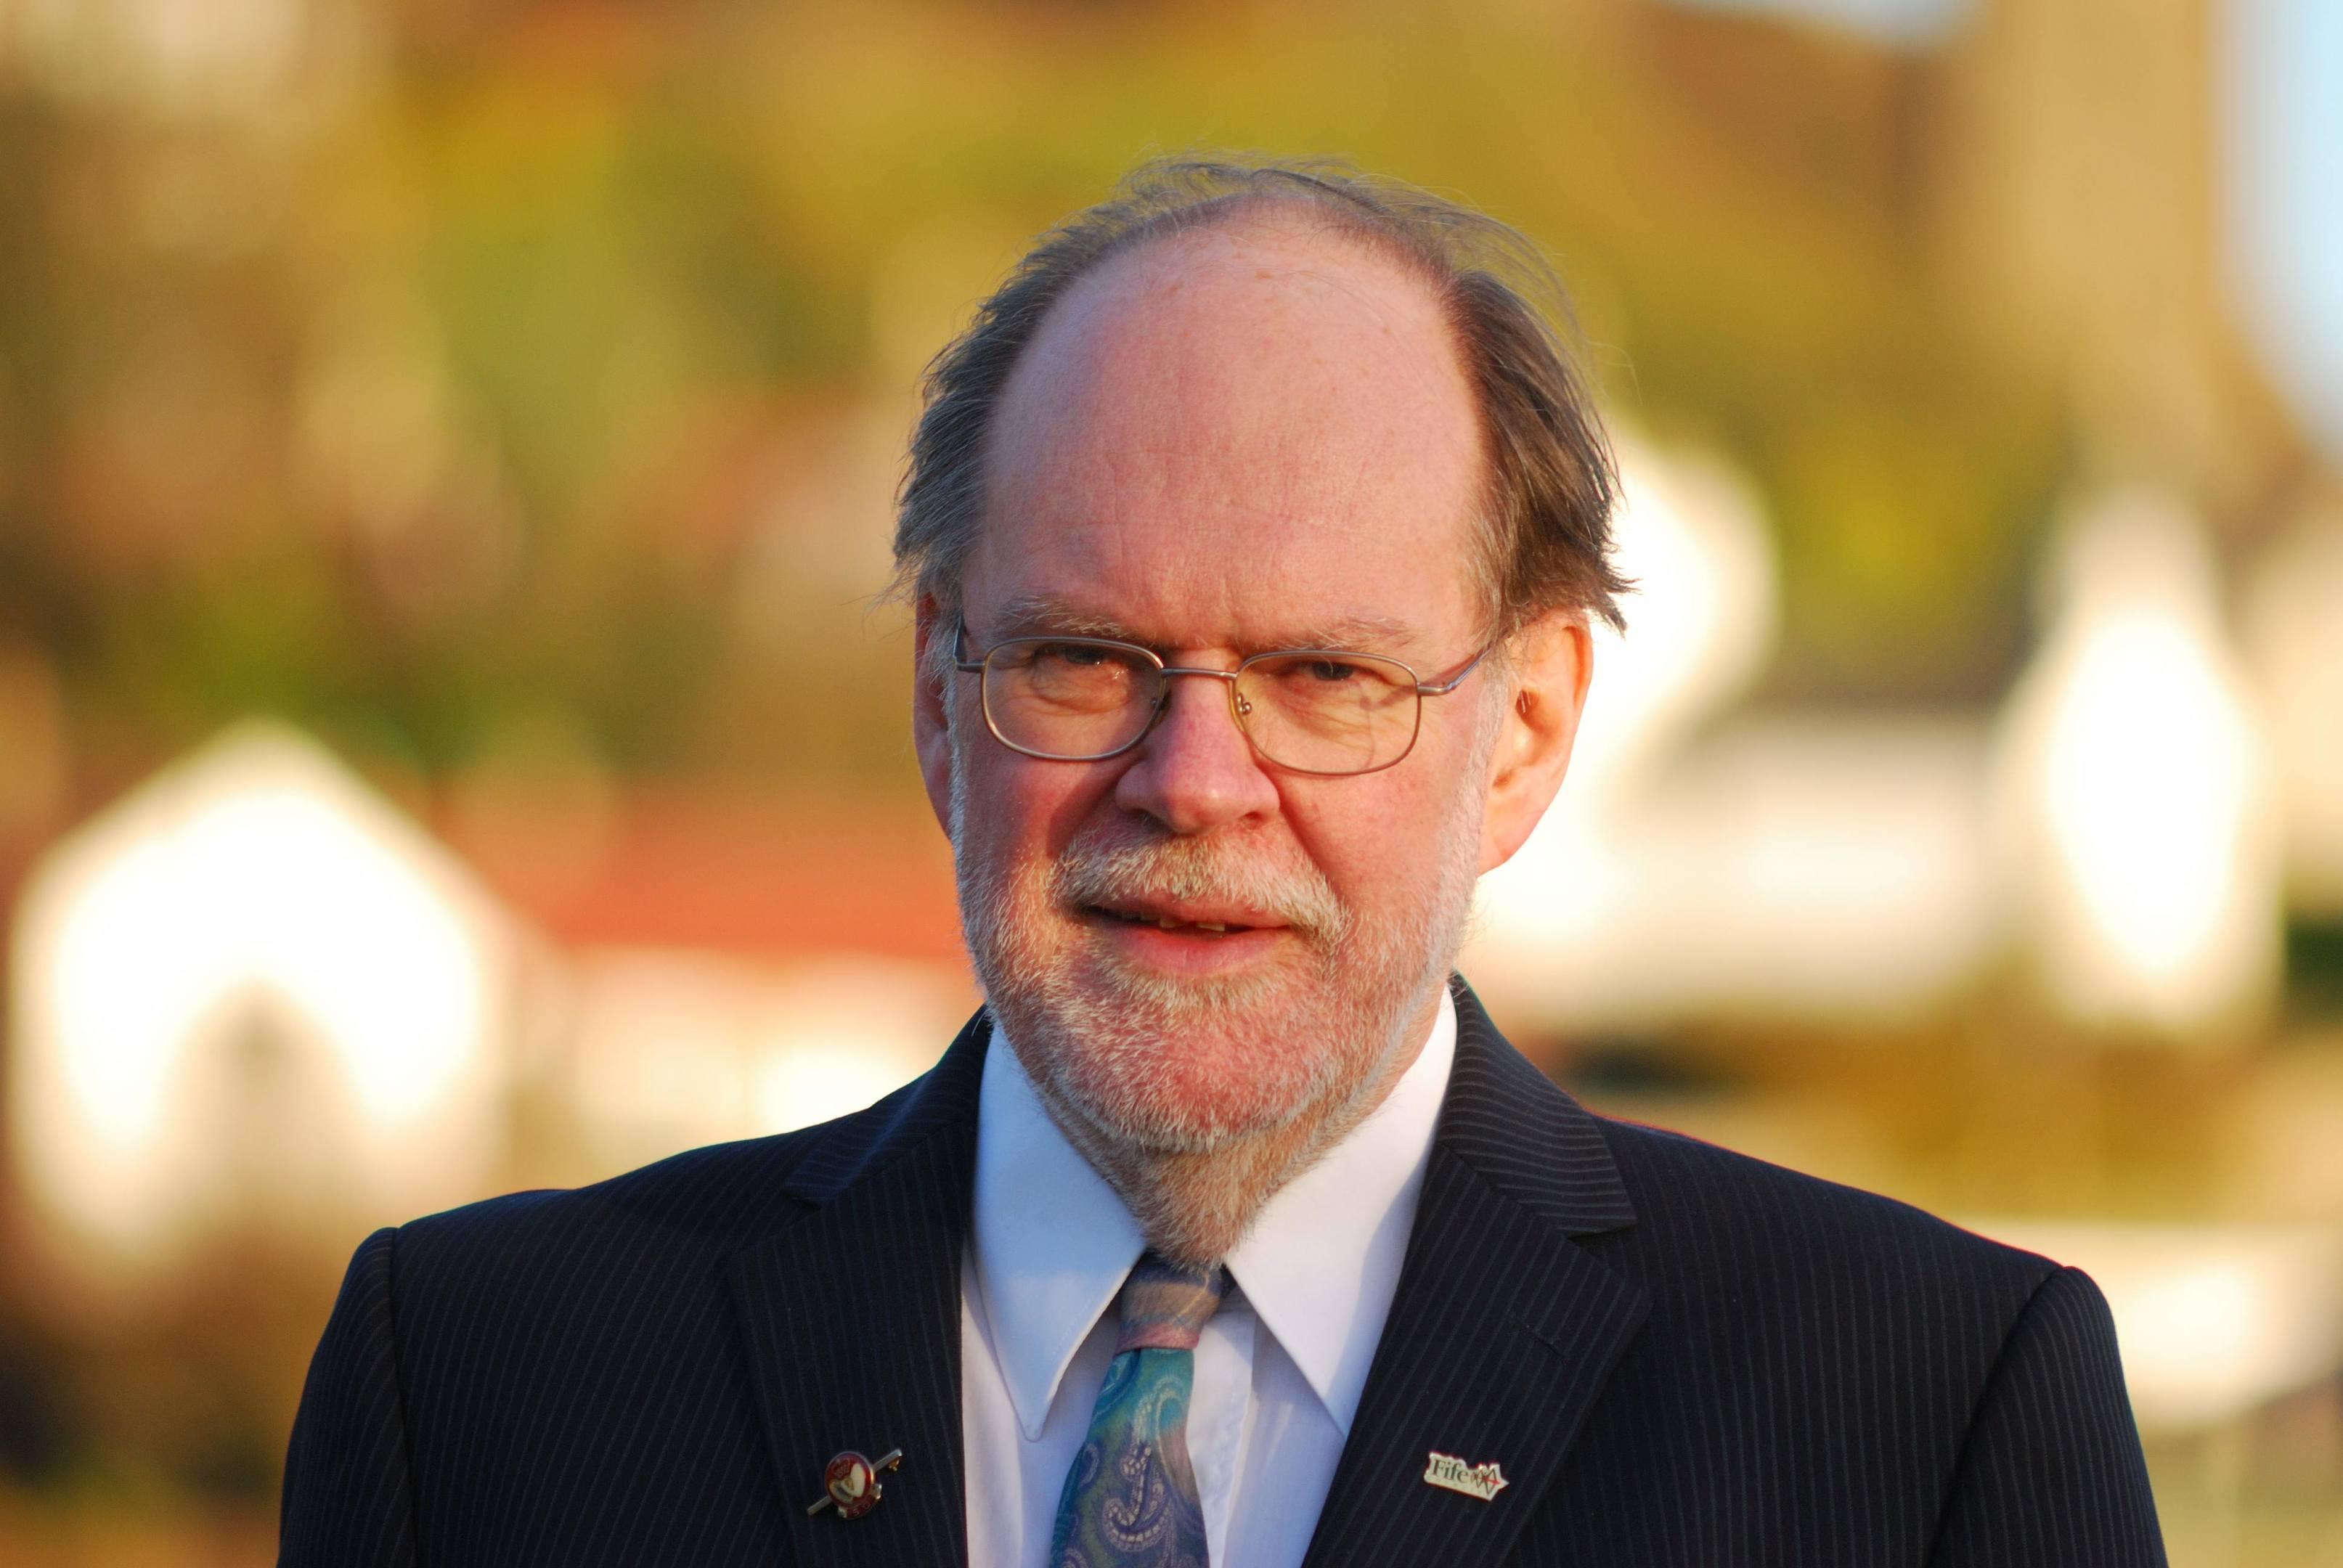 Councillor Dave Dempsey